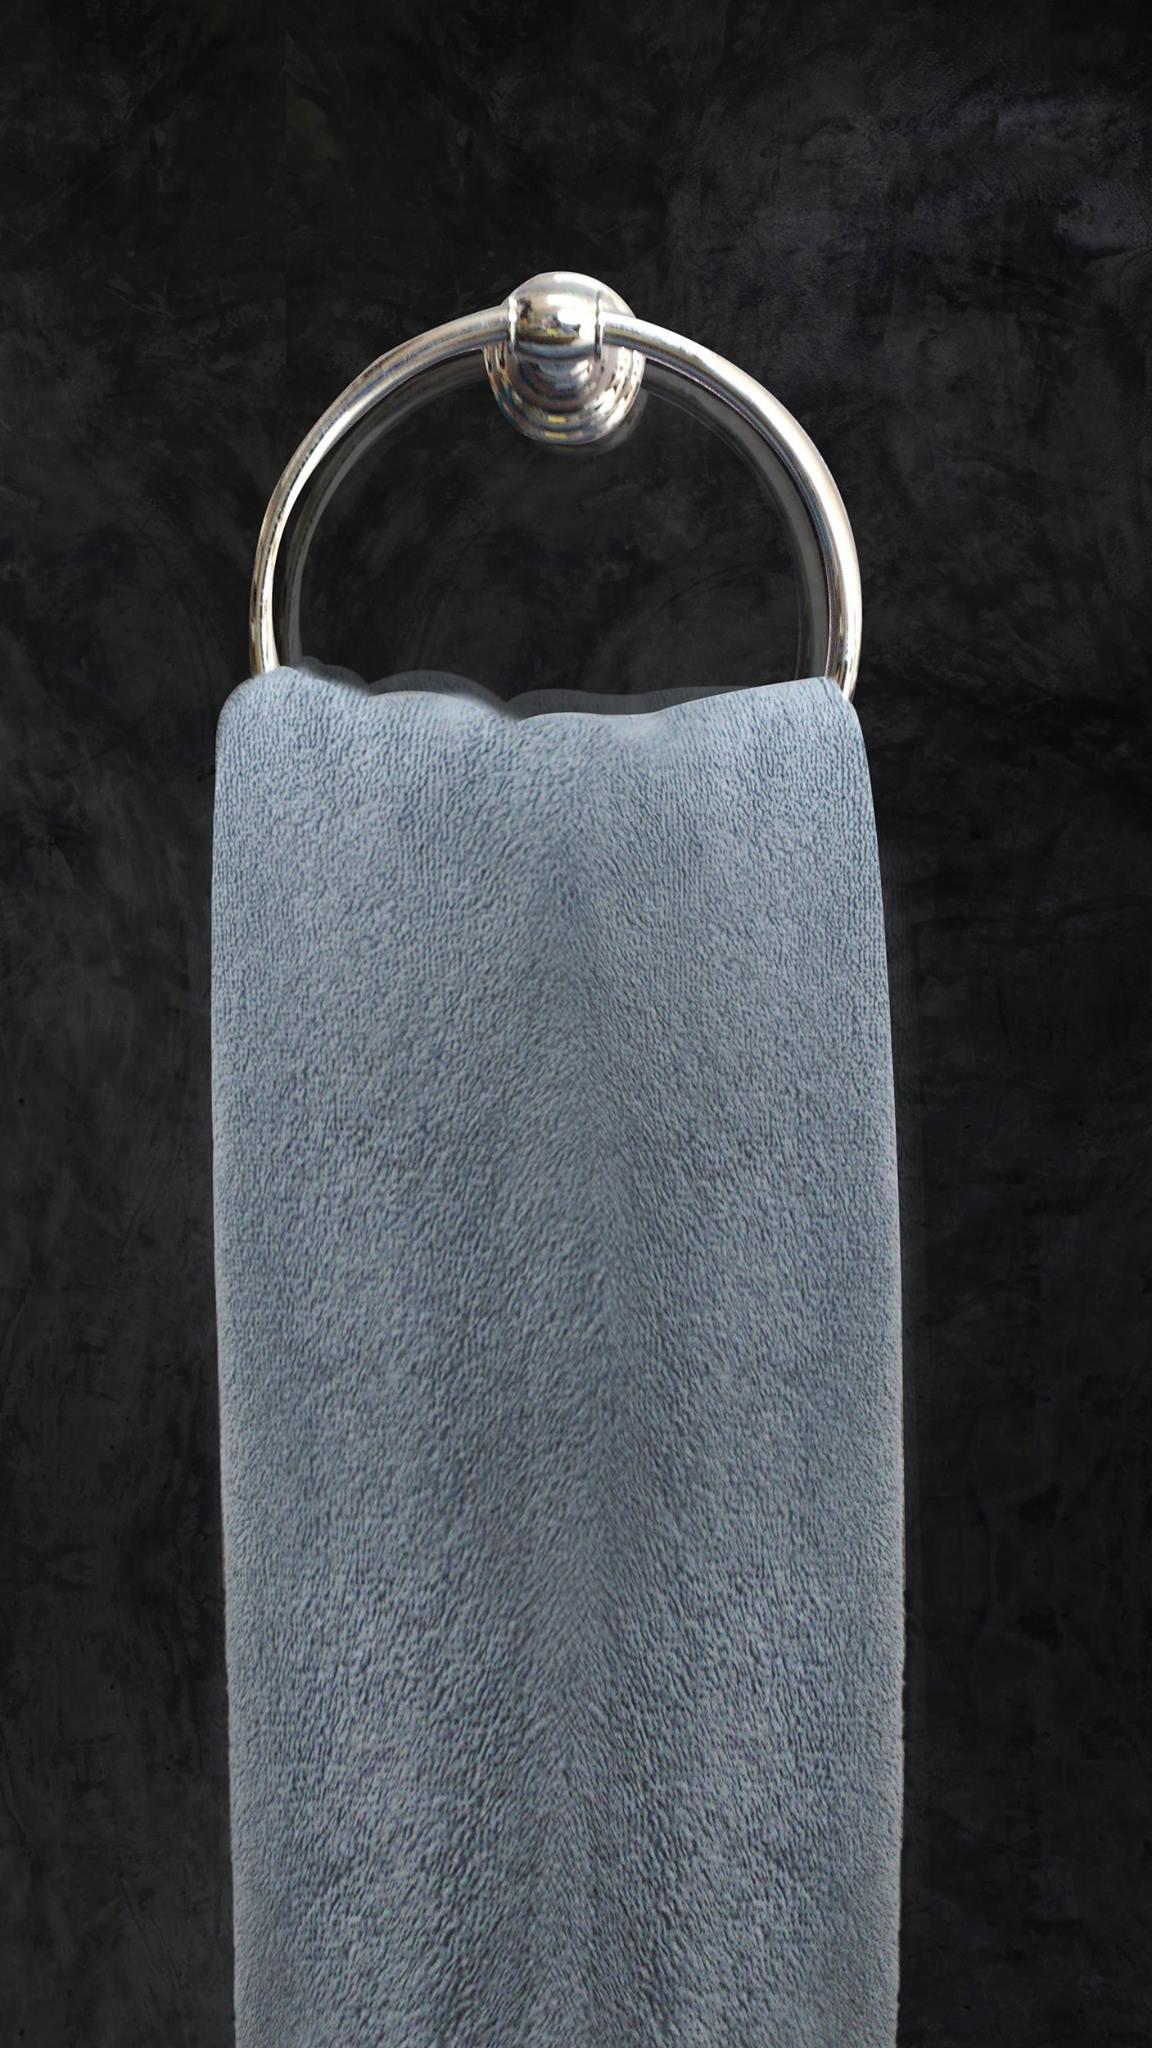 ผ้าขนหนู-สีเทา 24.5 p. (12 pcs./pack) STK_TWLG006